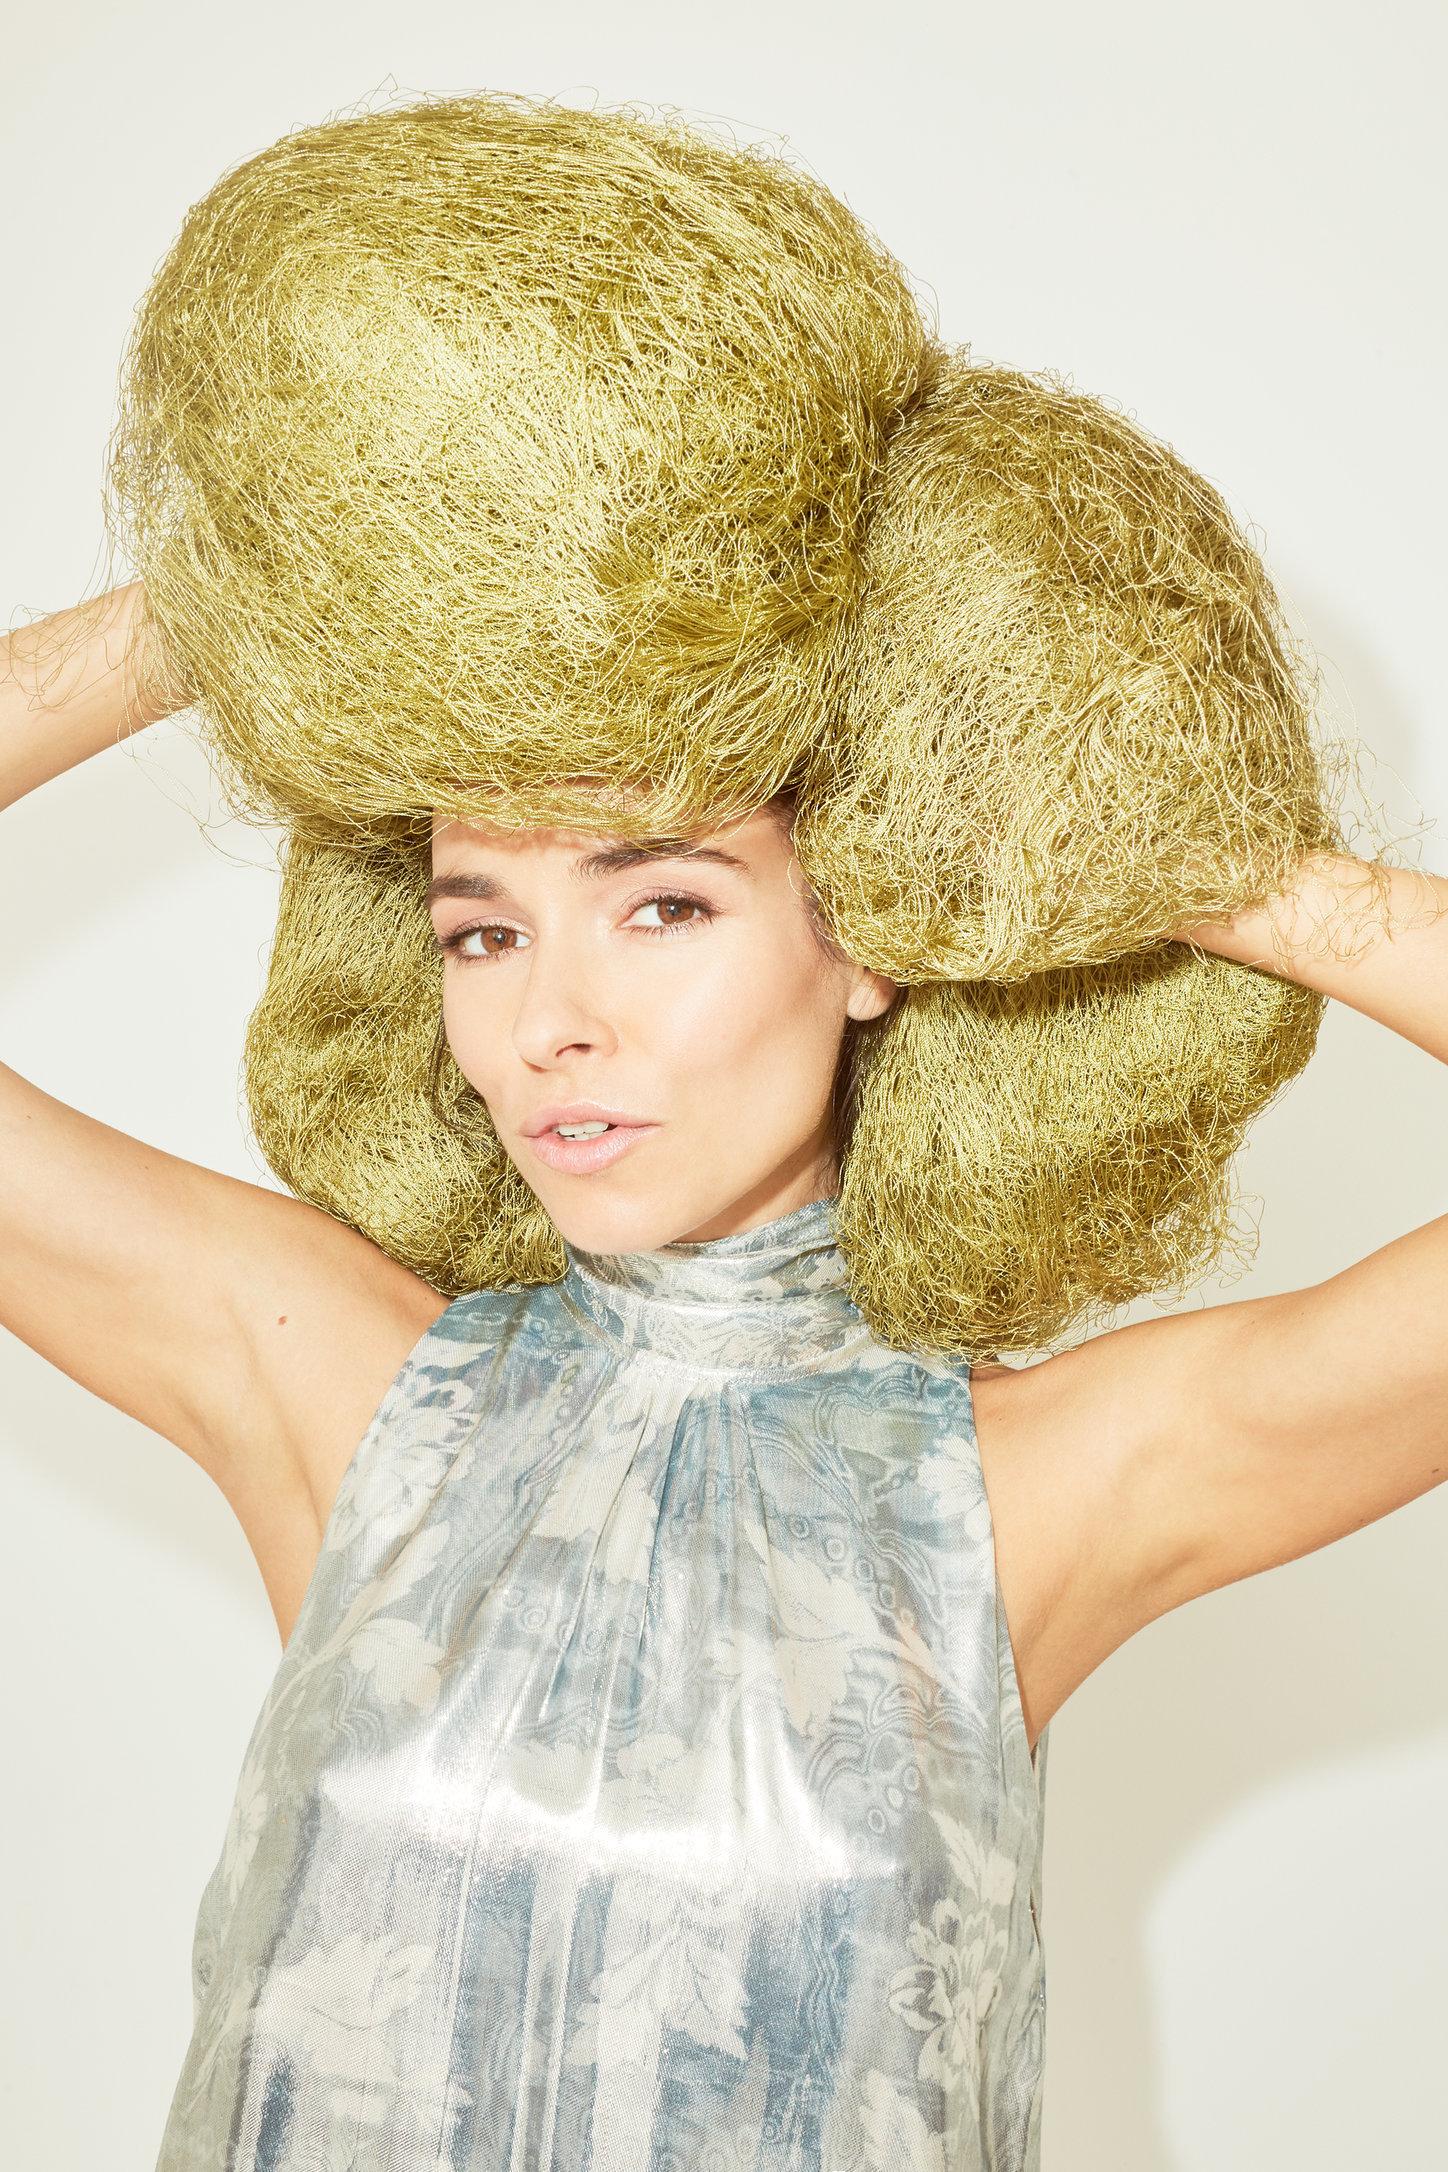 Elle Russia - Irena Ponaroshku x H&M Conscious Exclusive